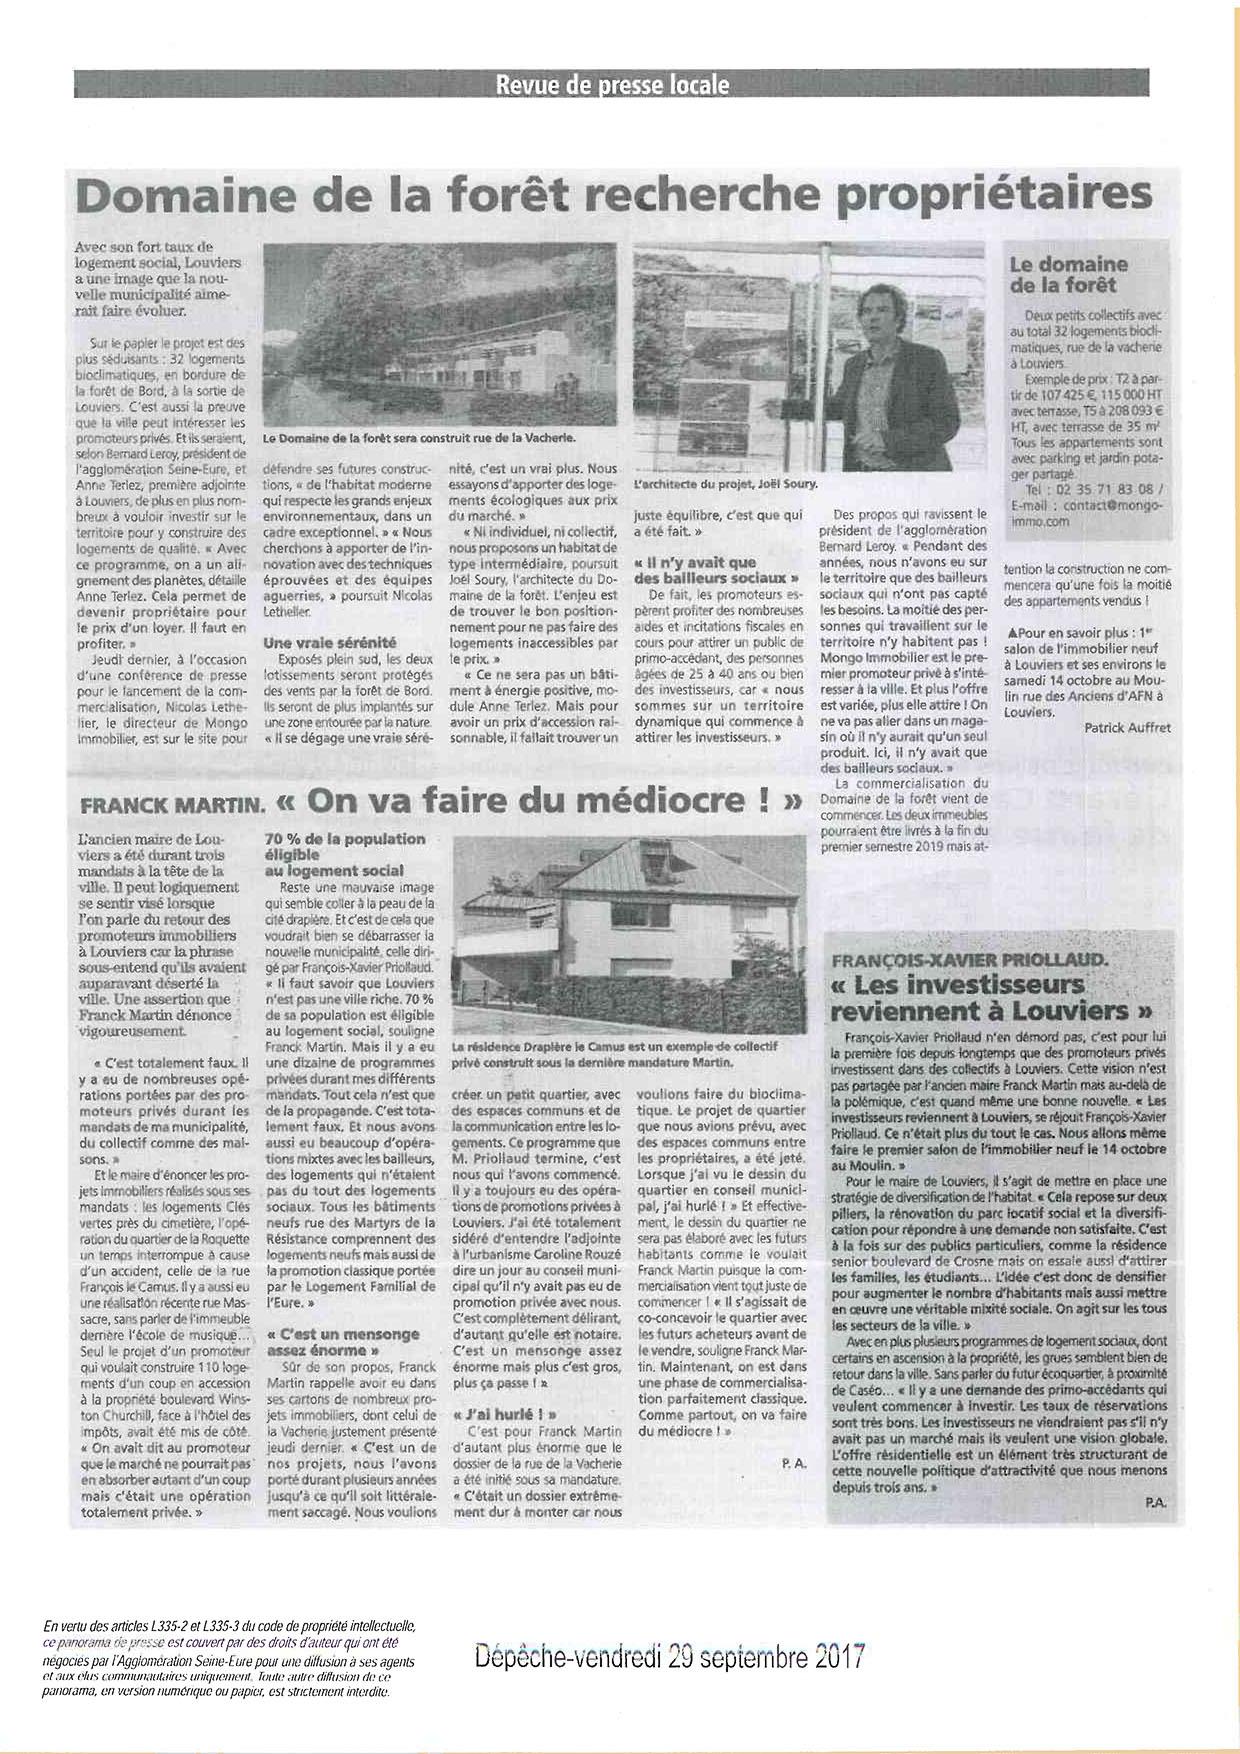 Construction écologiqus, logements neufs Louviers,